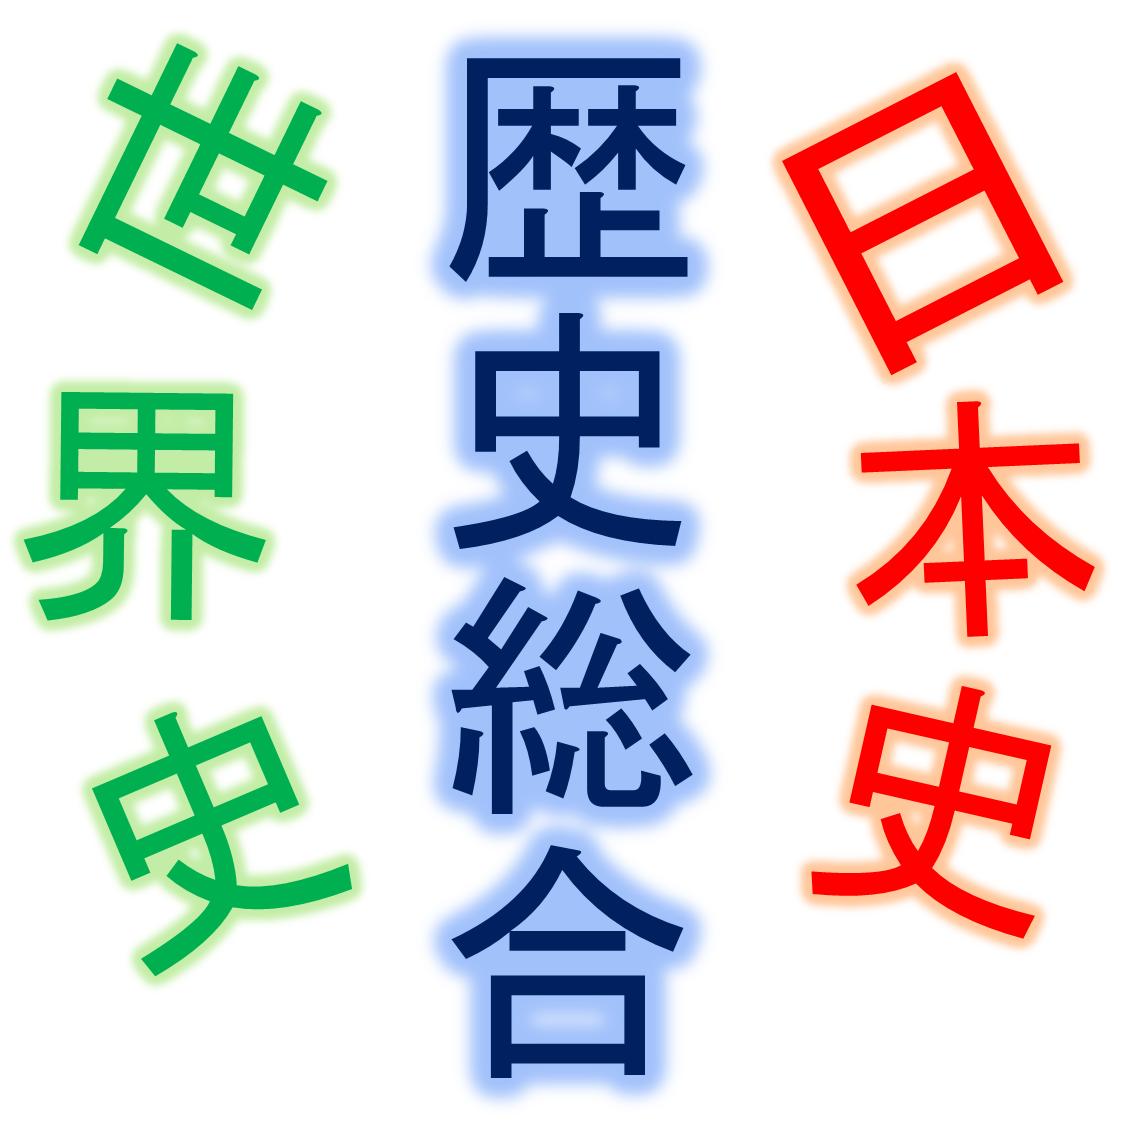 高校課程・新科目「歴史総合」の発表